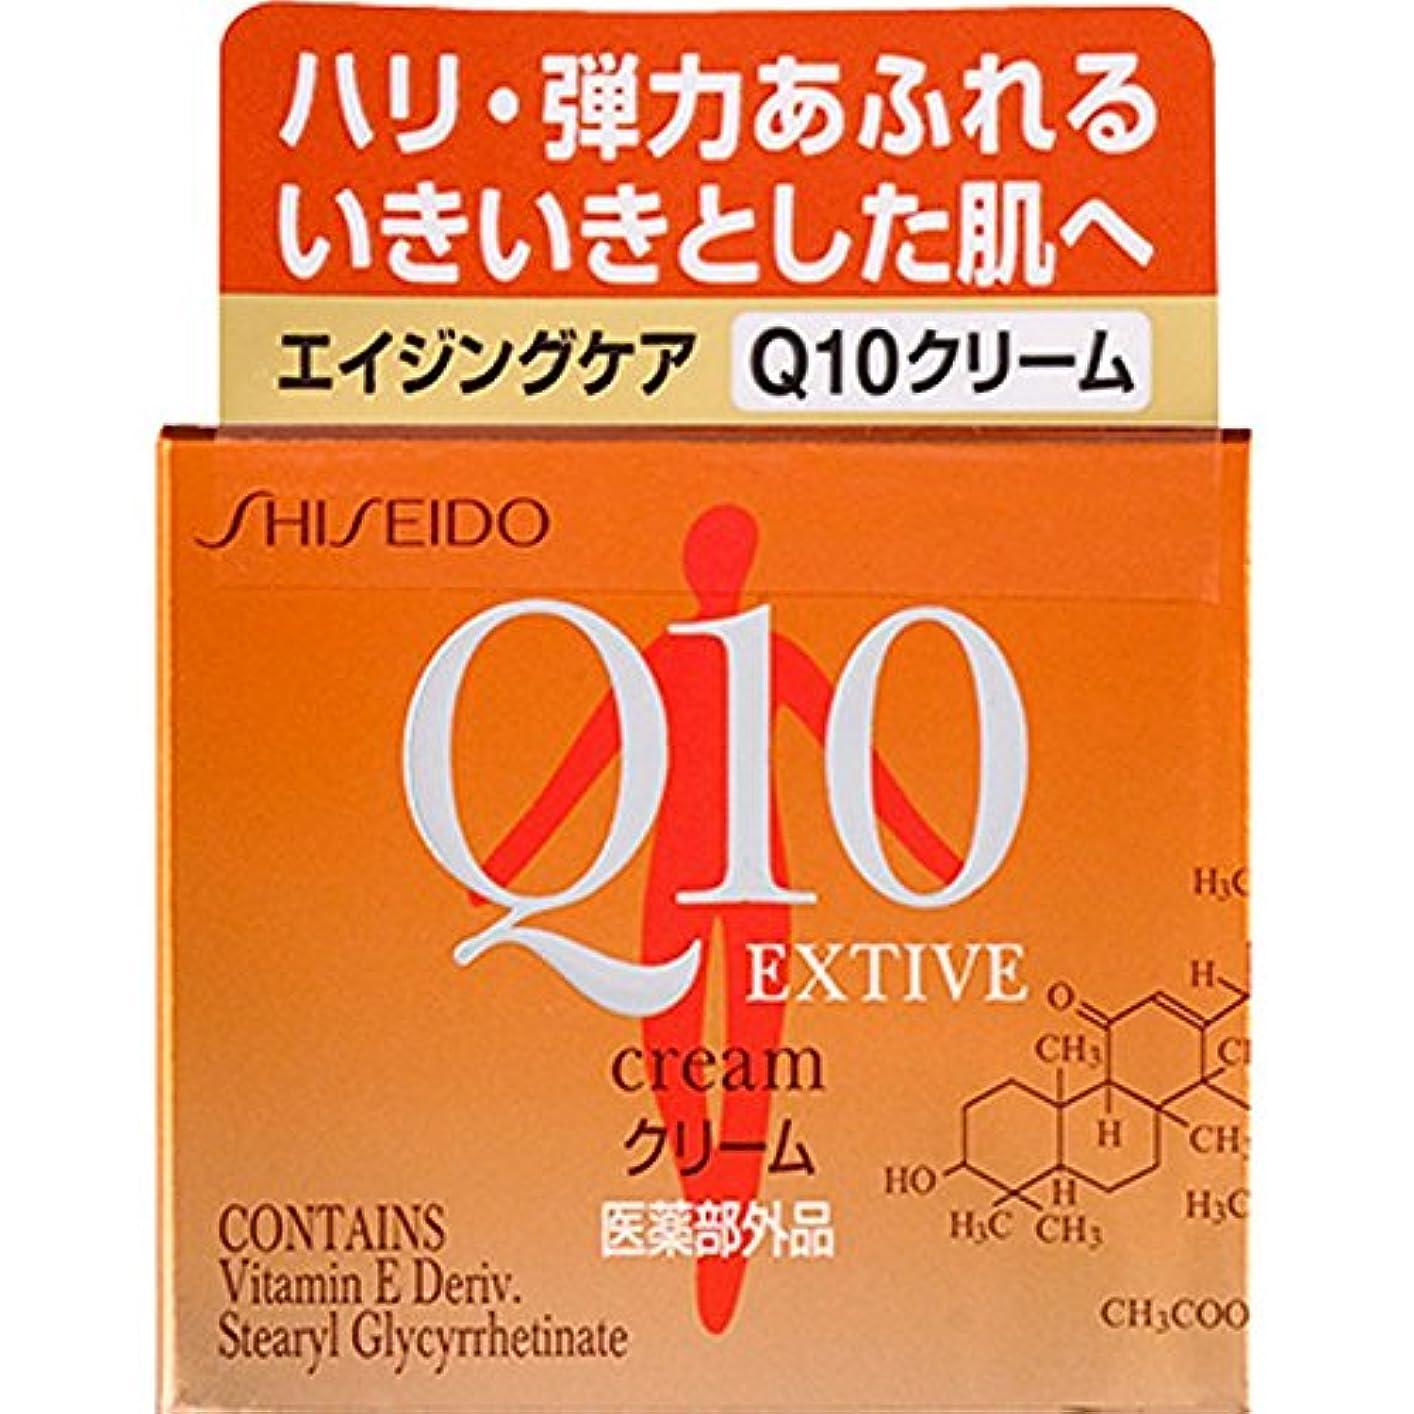 以前は脳カバー資生堂薬品 Q10 エクティブ クリームN 30g